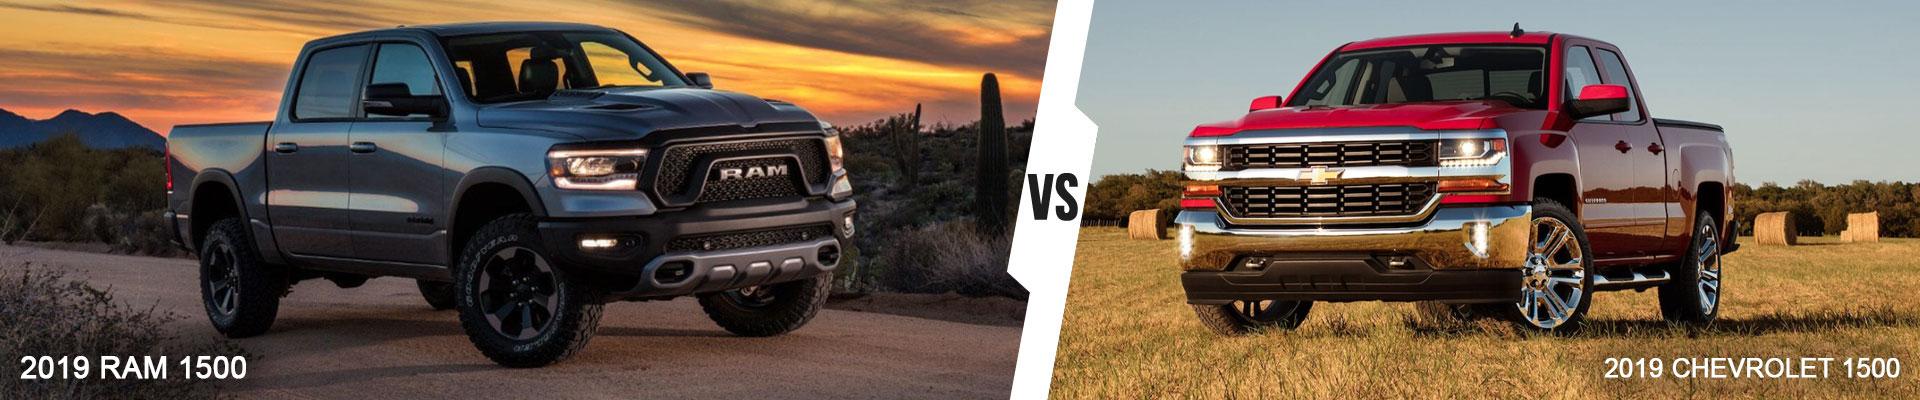 Compare The 2019 Ram 1500 Against The 2019 Chevrolet Silverado